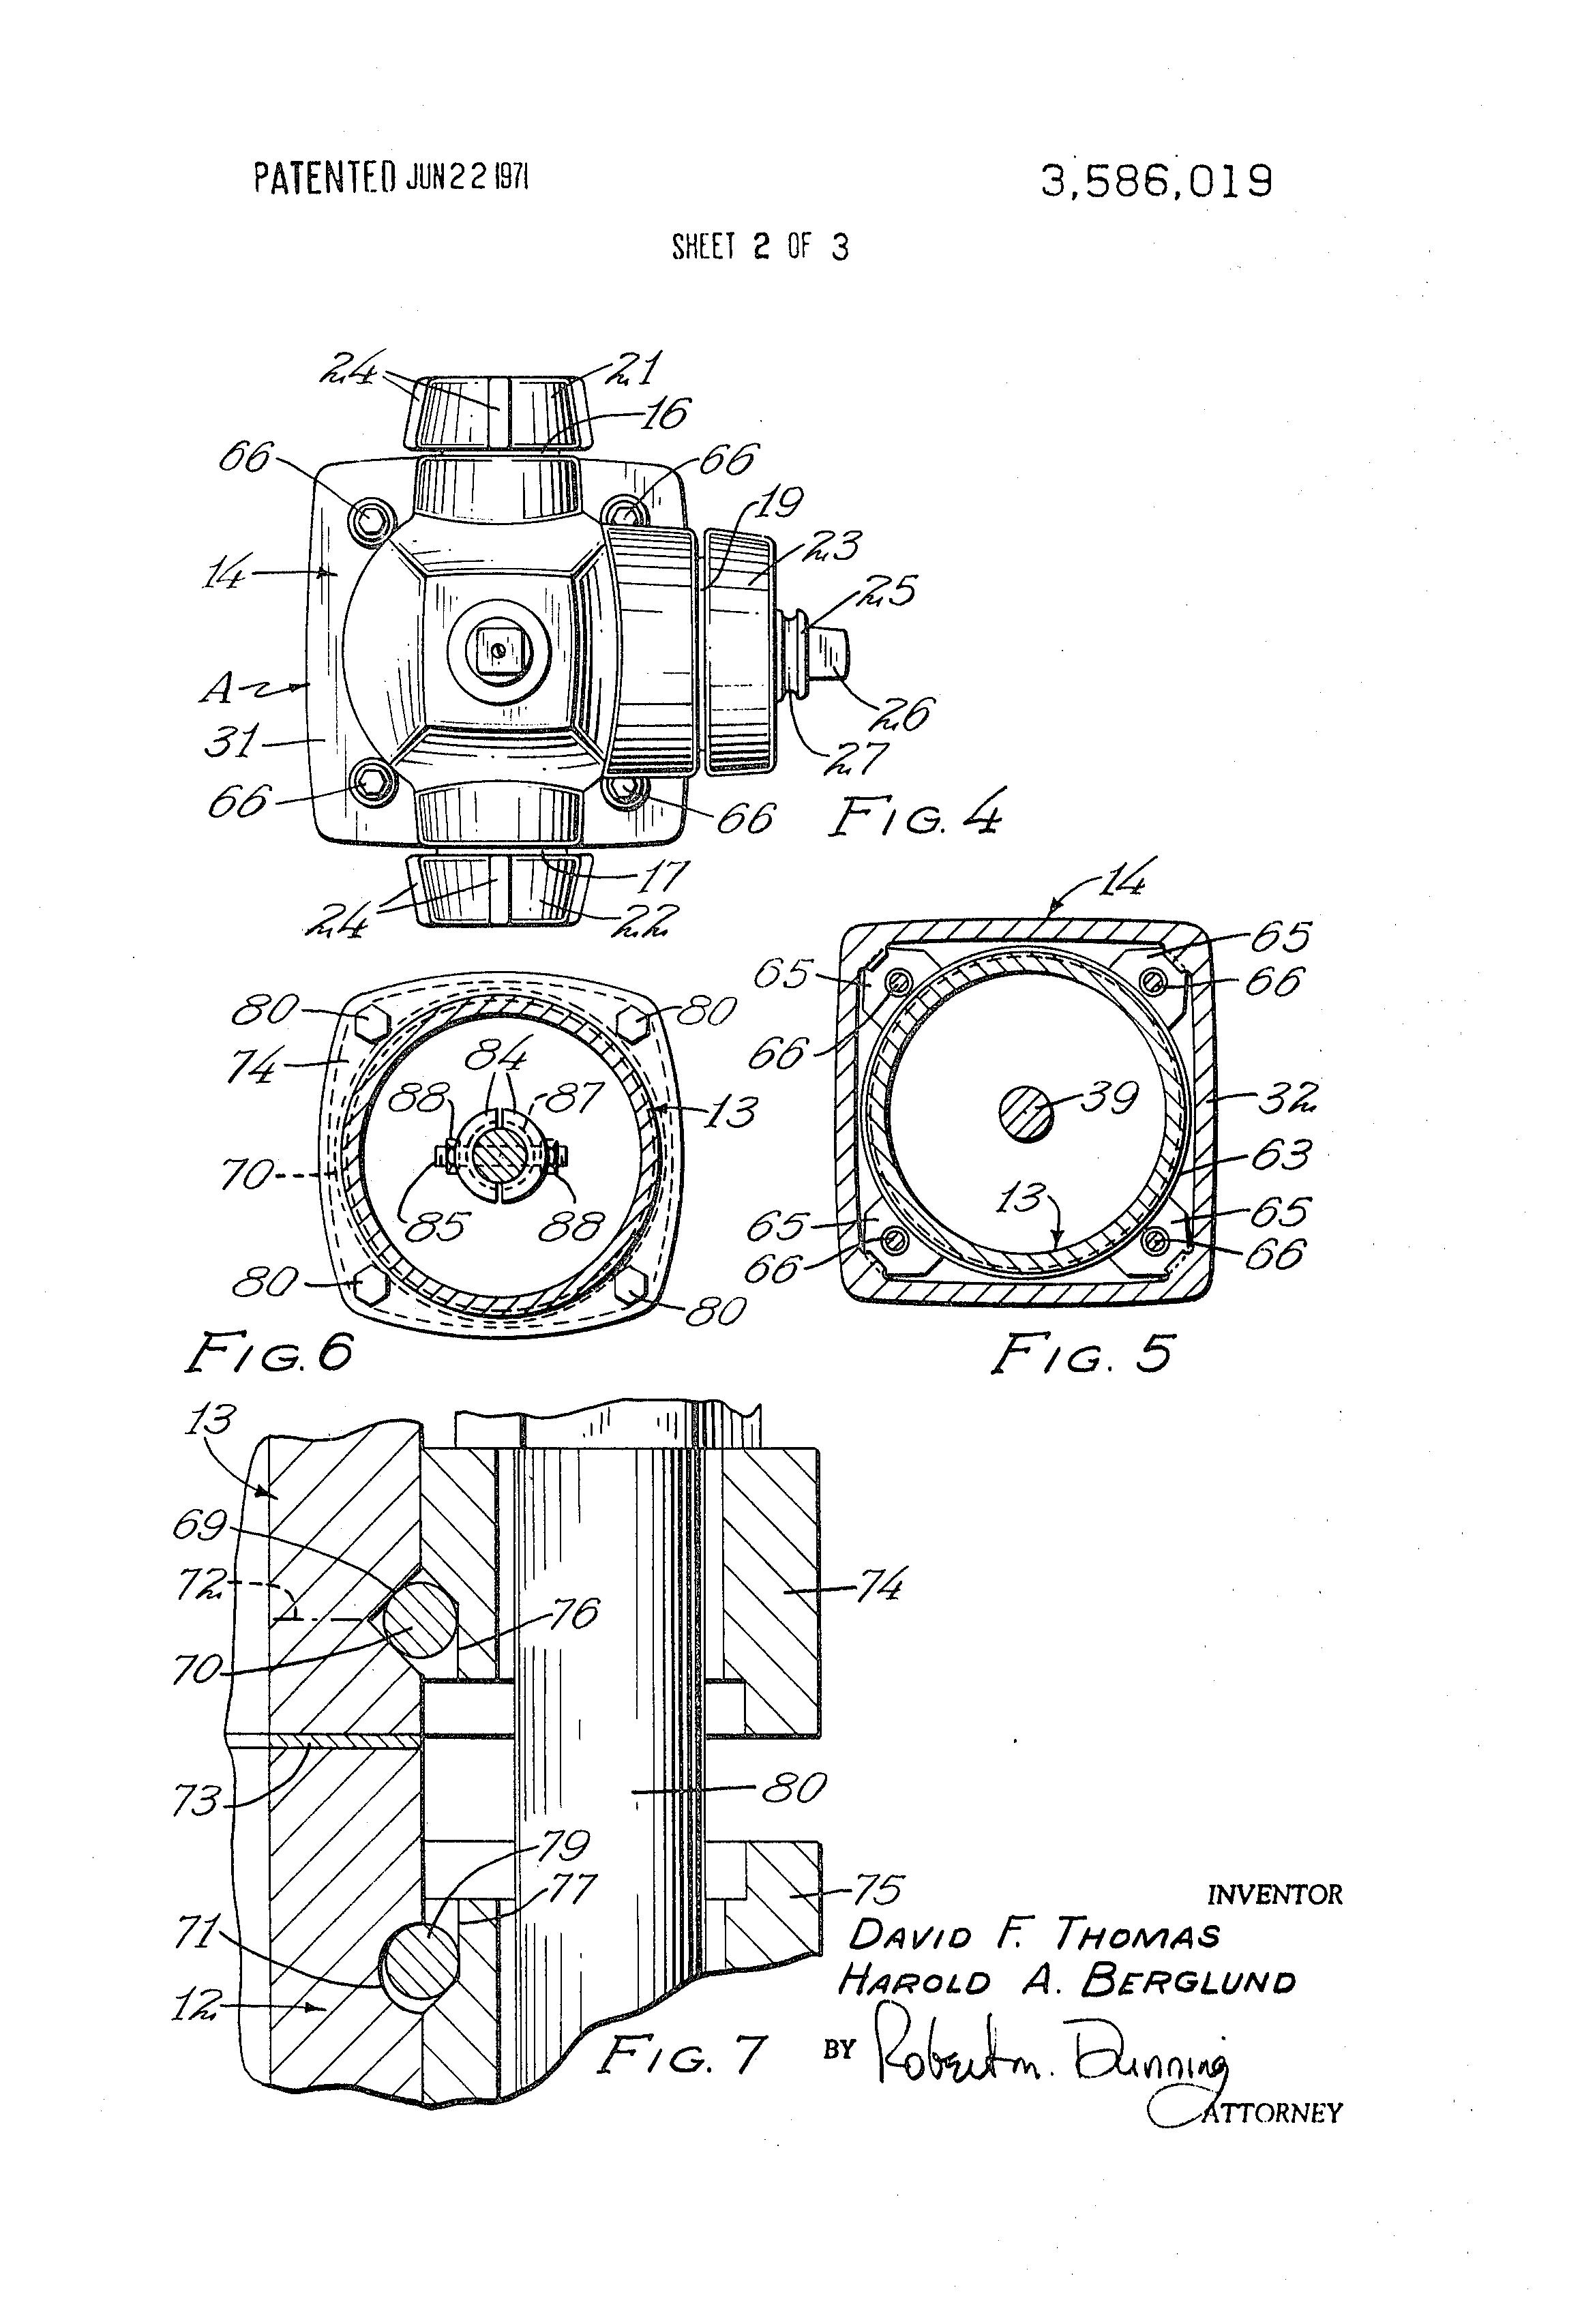 Mueller Centurion Fire Hydrant Parts